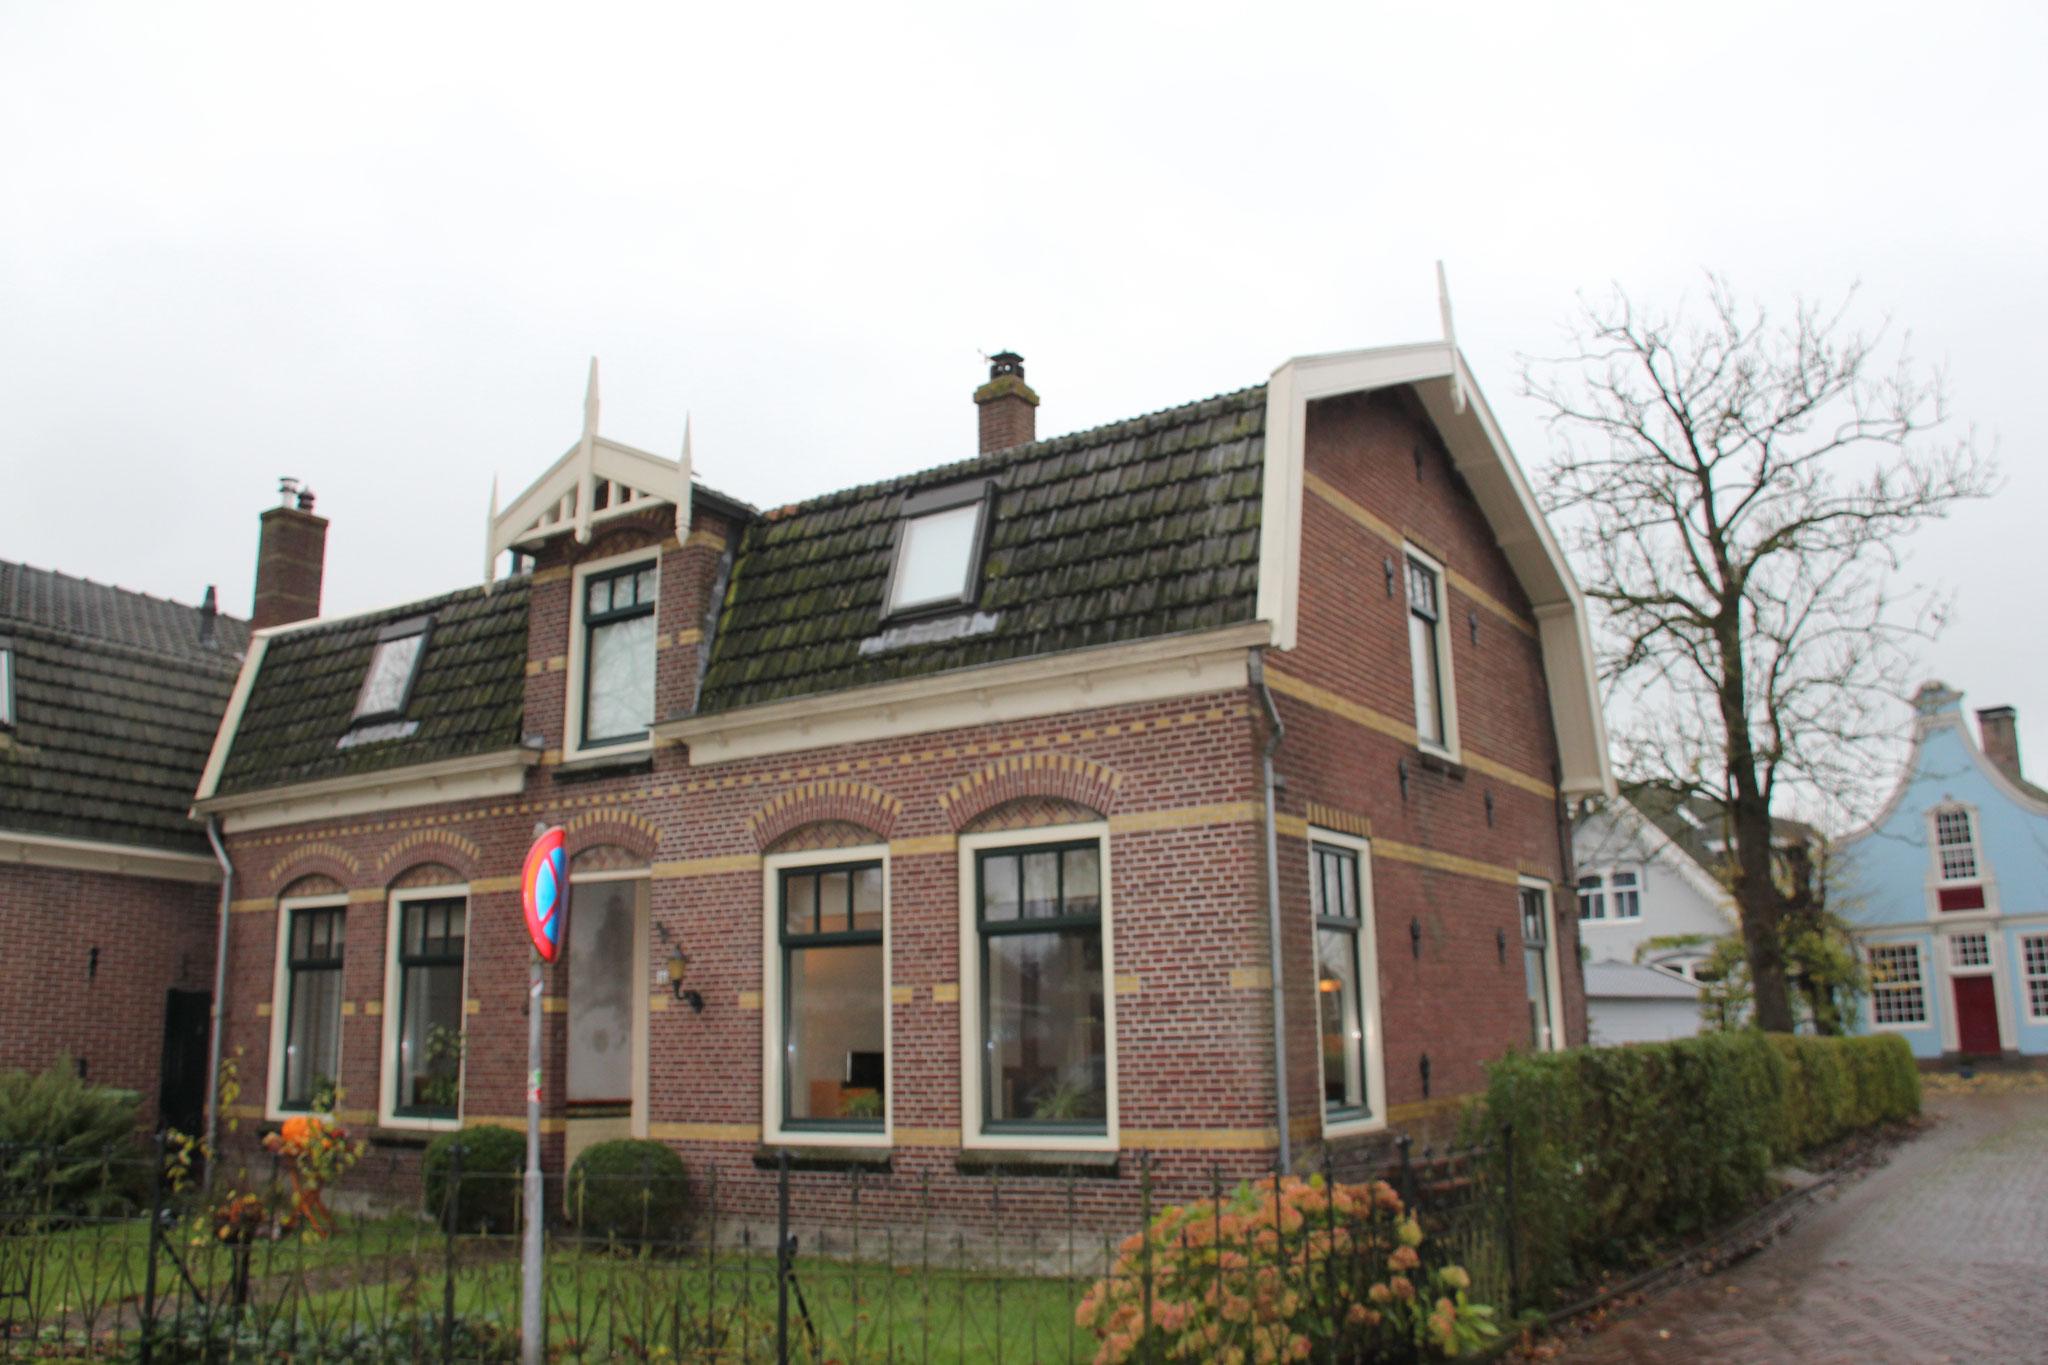 Dorpstraat 16, woonhuis uit 1907